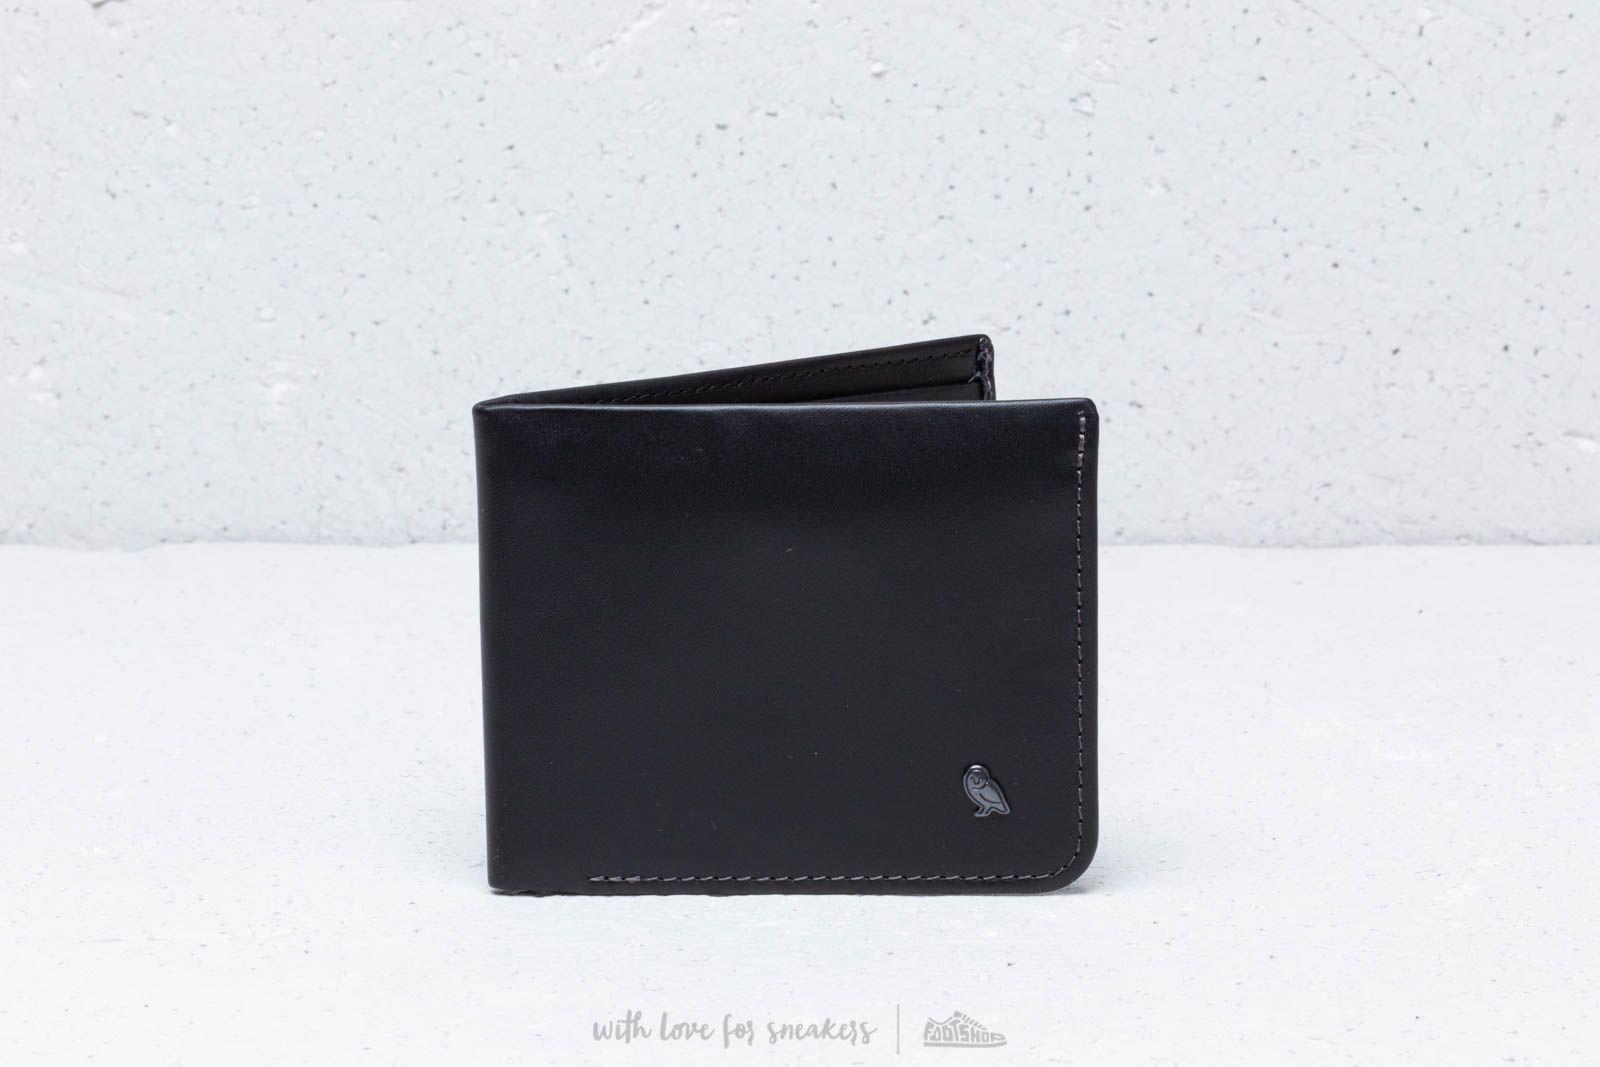 Bellroy Hide & Seek RFID Black za skvelú cenu 81 € kúpite na Footshop.sk